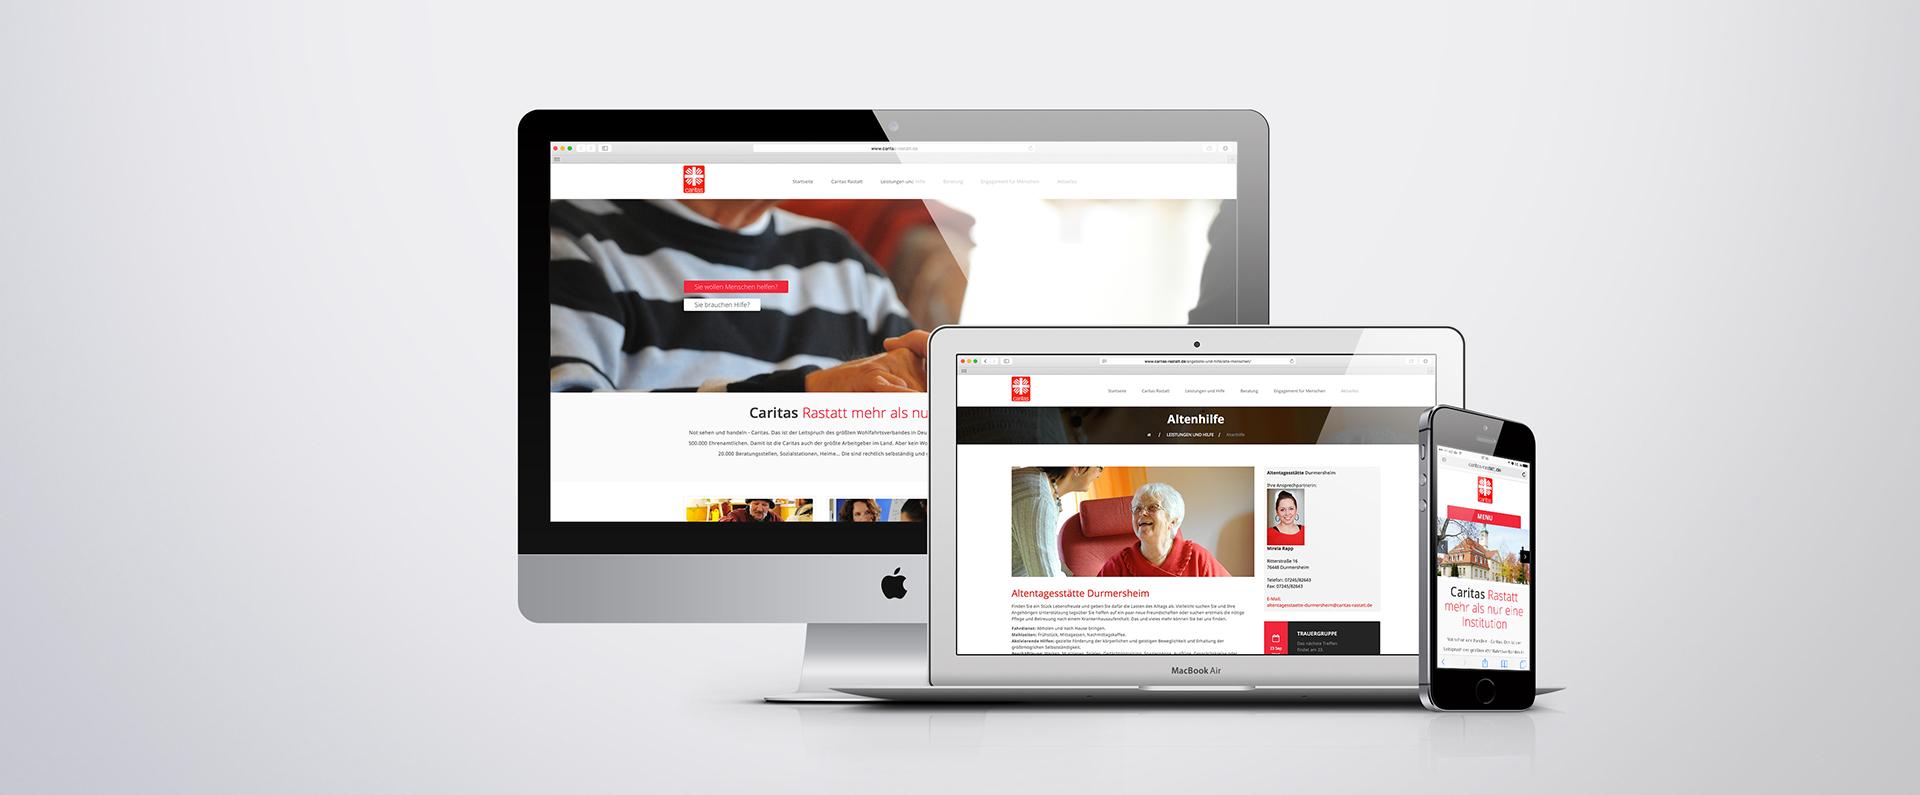 exakt erstellt: Internetseite der Caritas